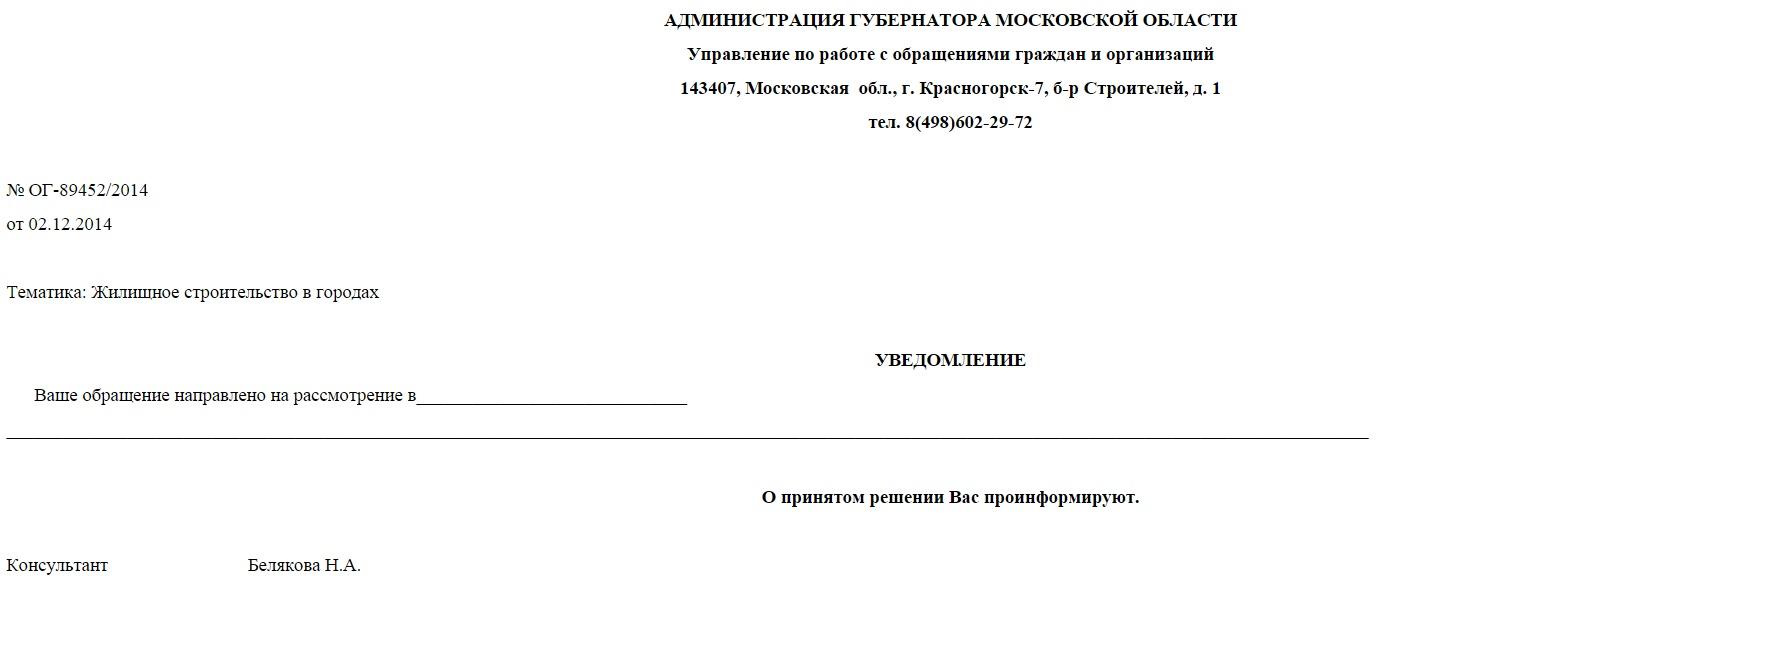 Тихомировой 02-12-2014 Губернатор